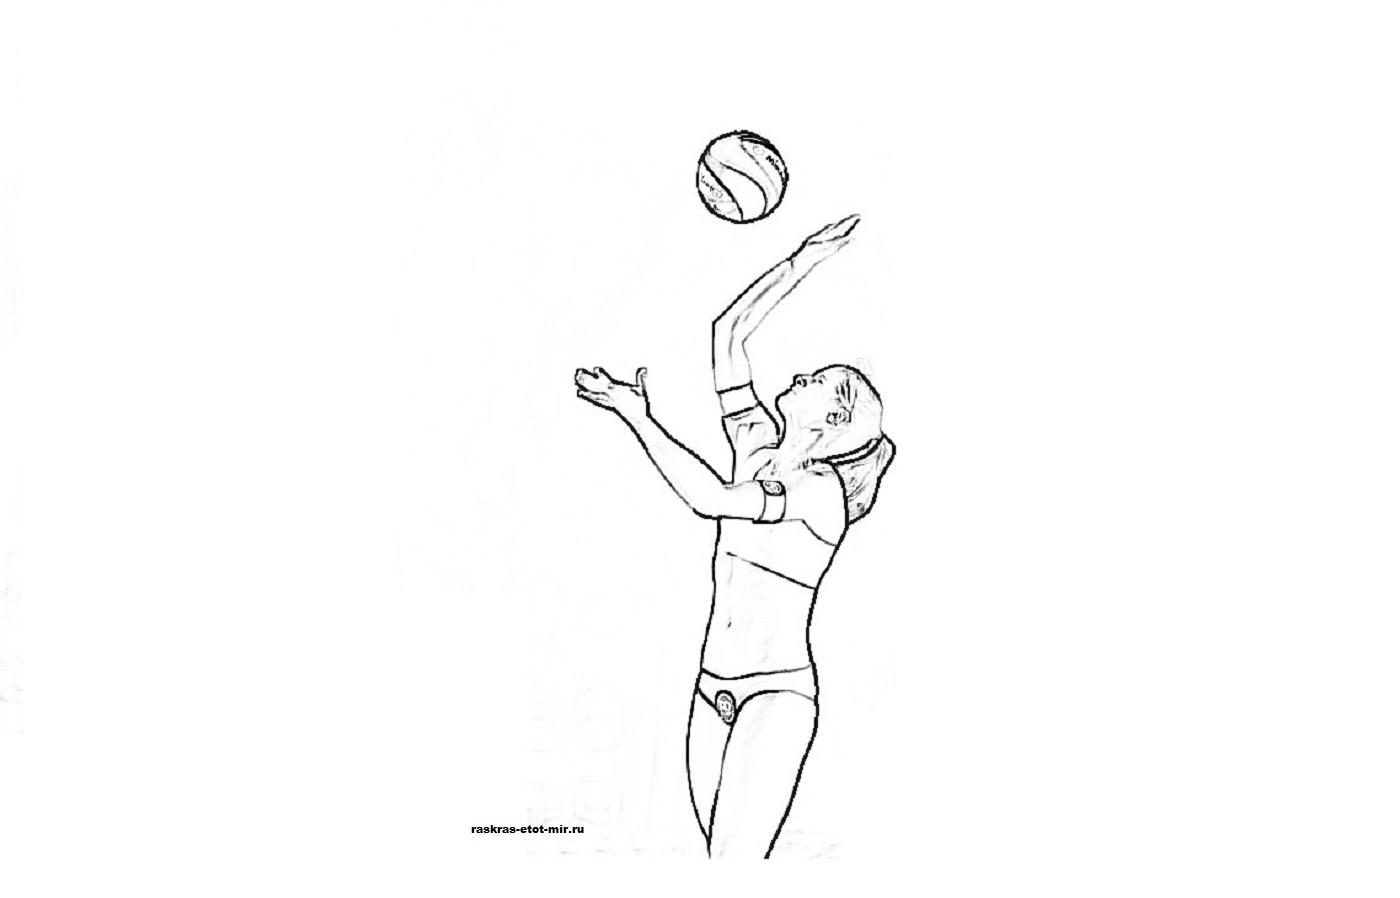 Раскраски волейбол - Раскрась этот мир!